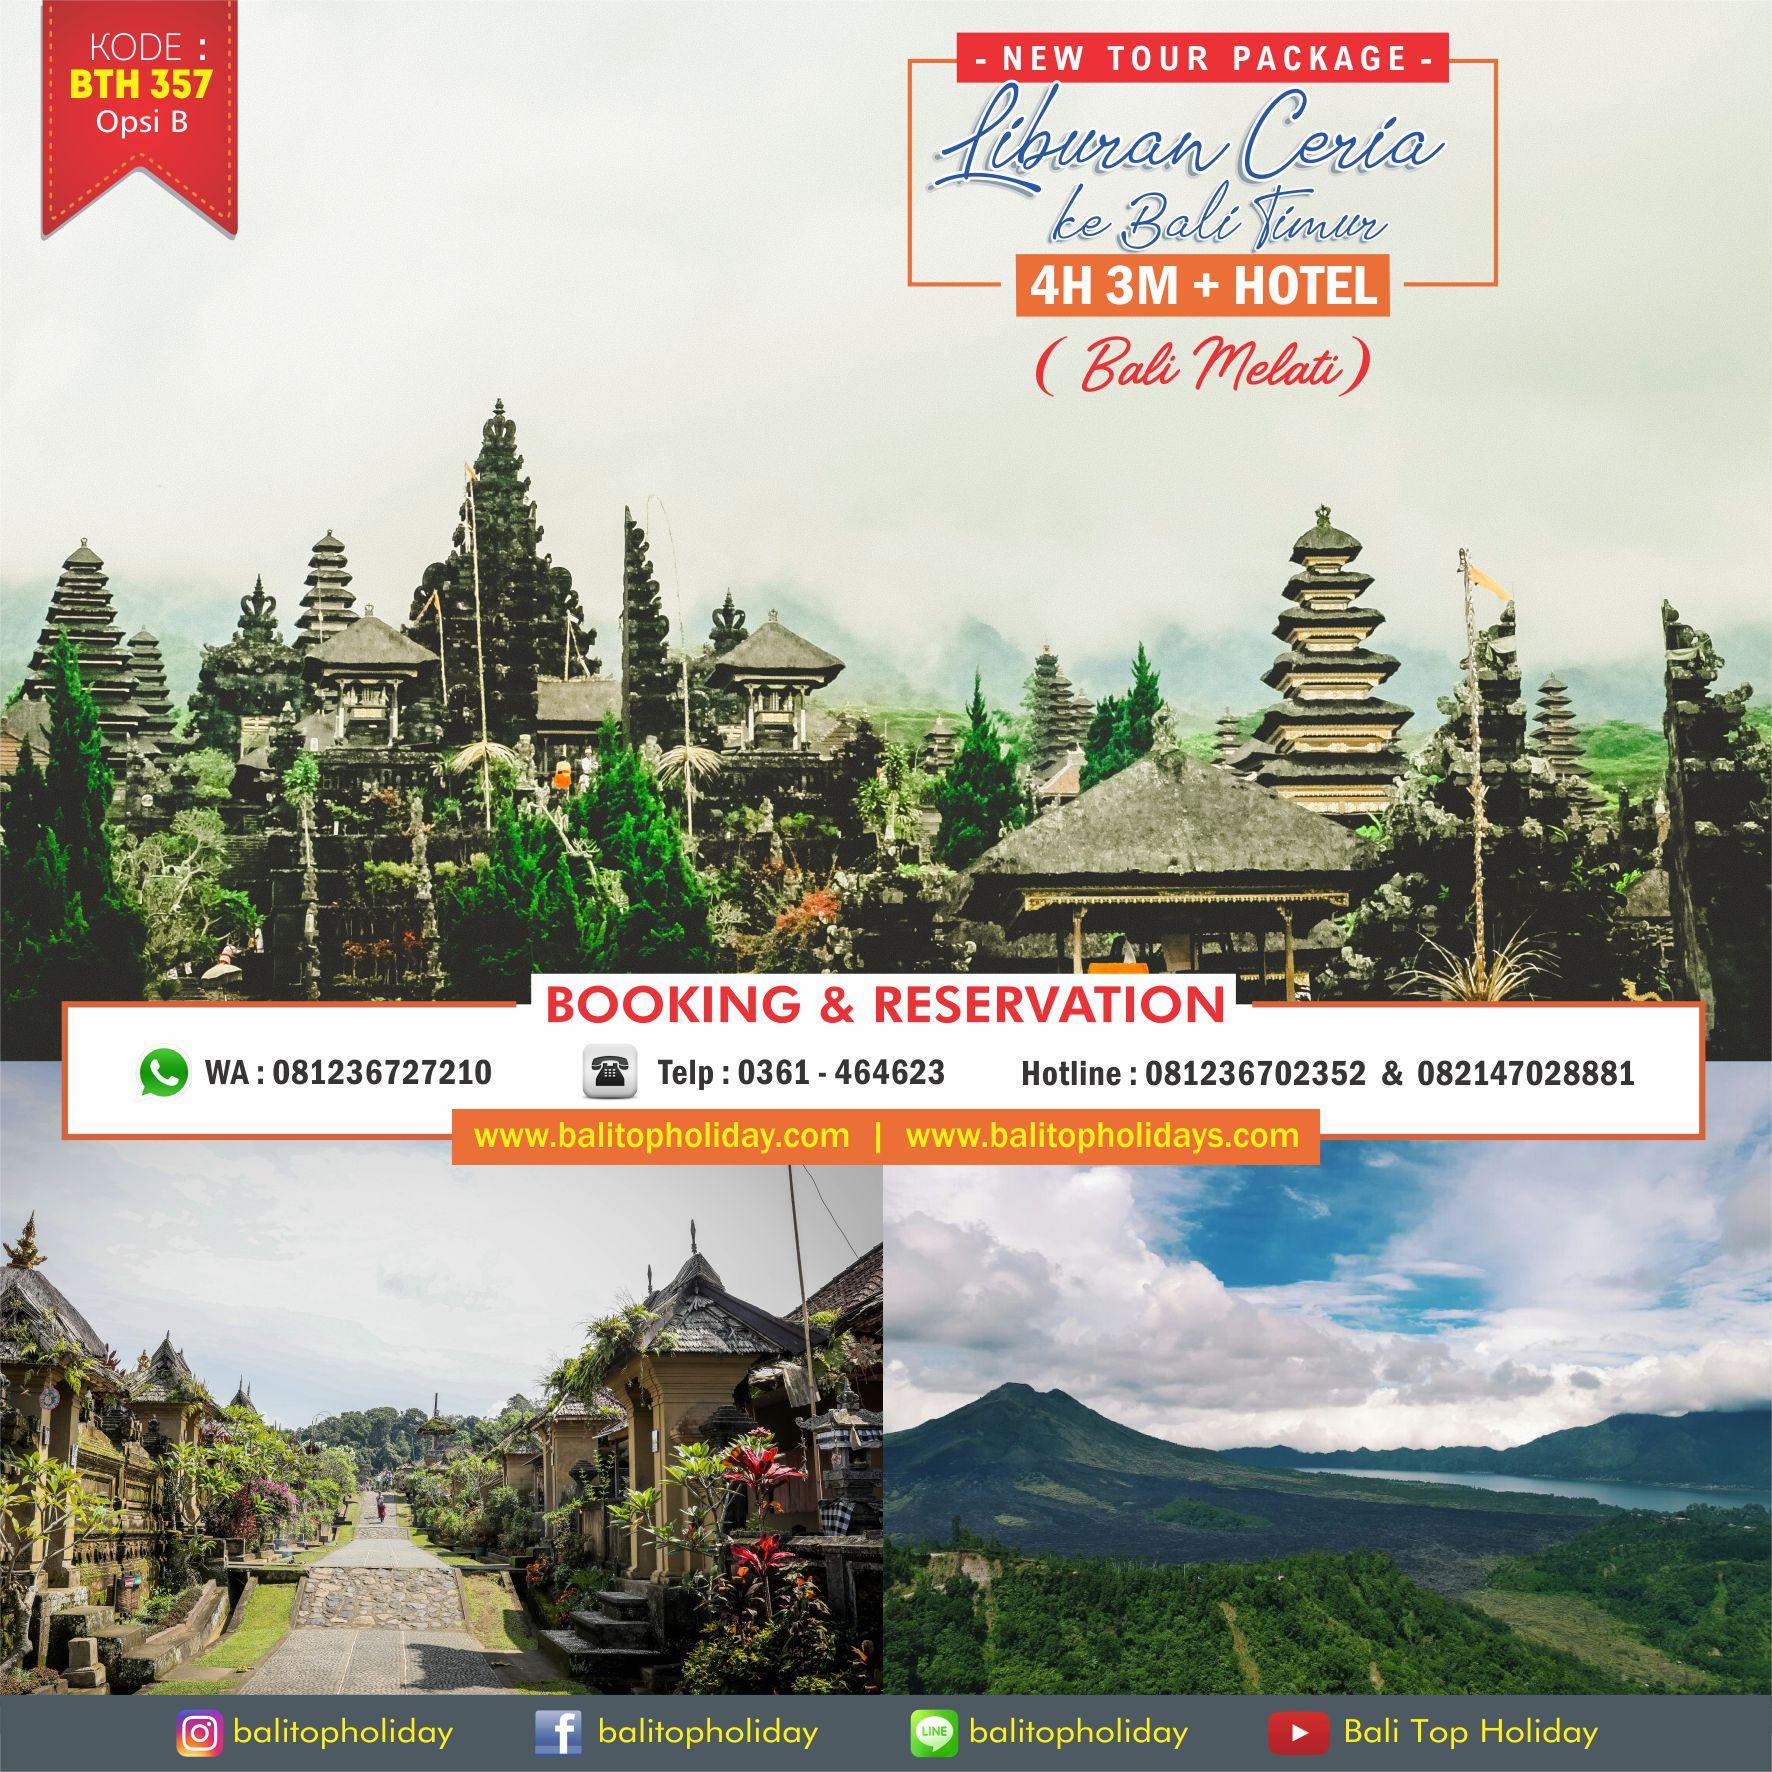 Paket Tour Bali 4H3M (Bali Melati)